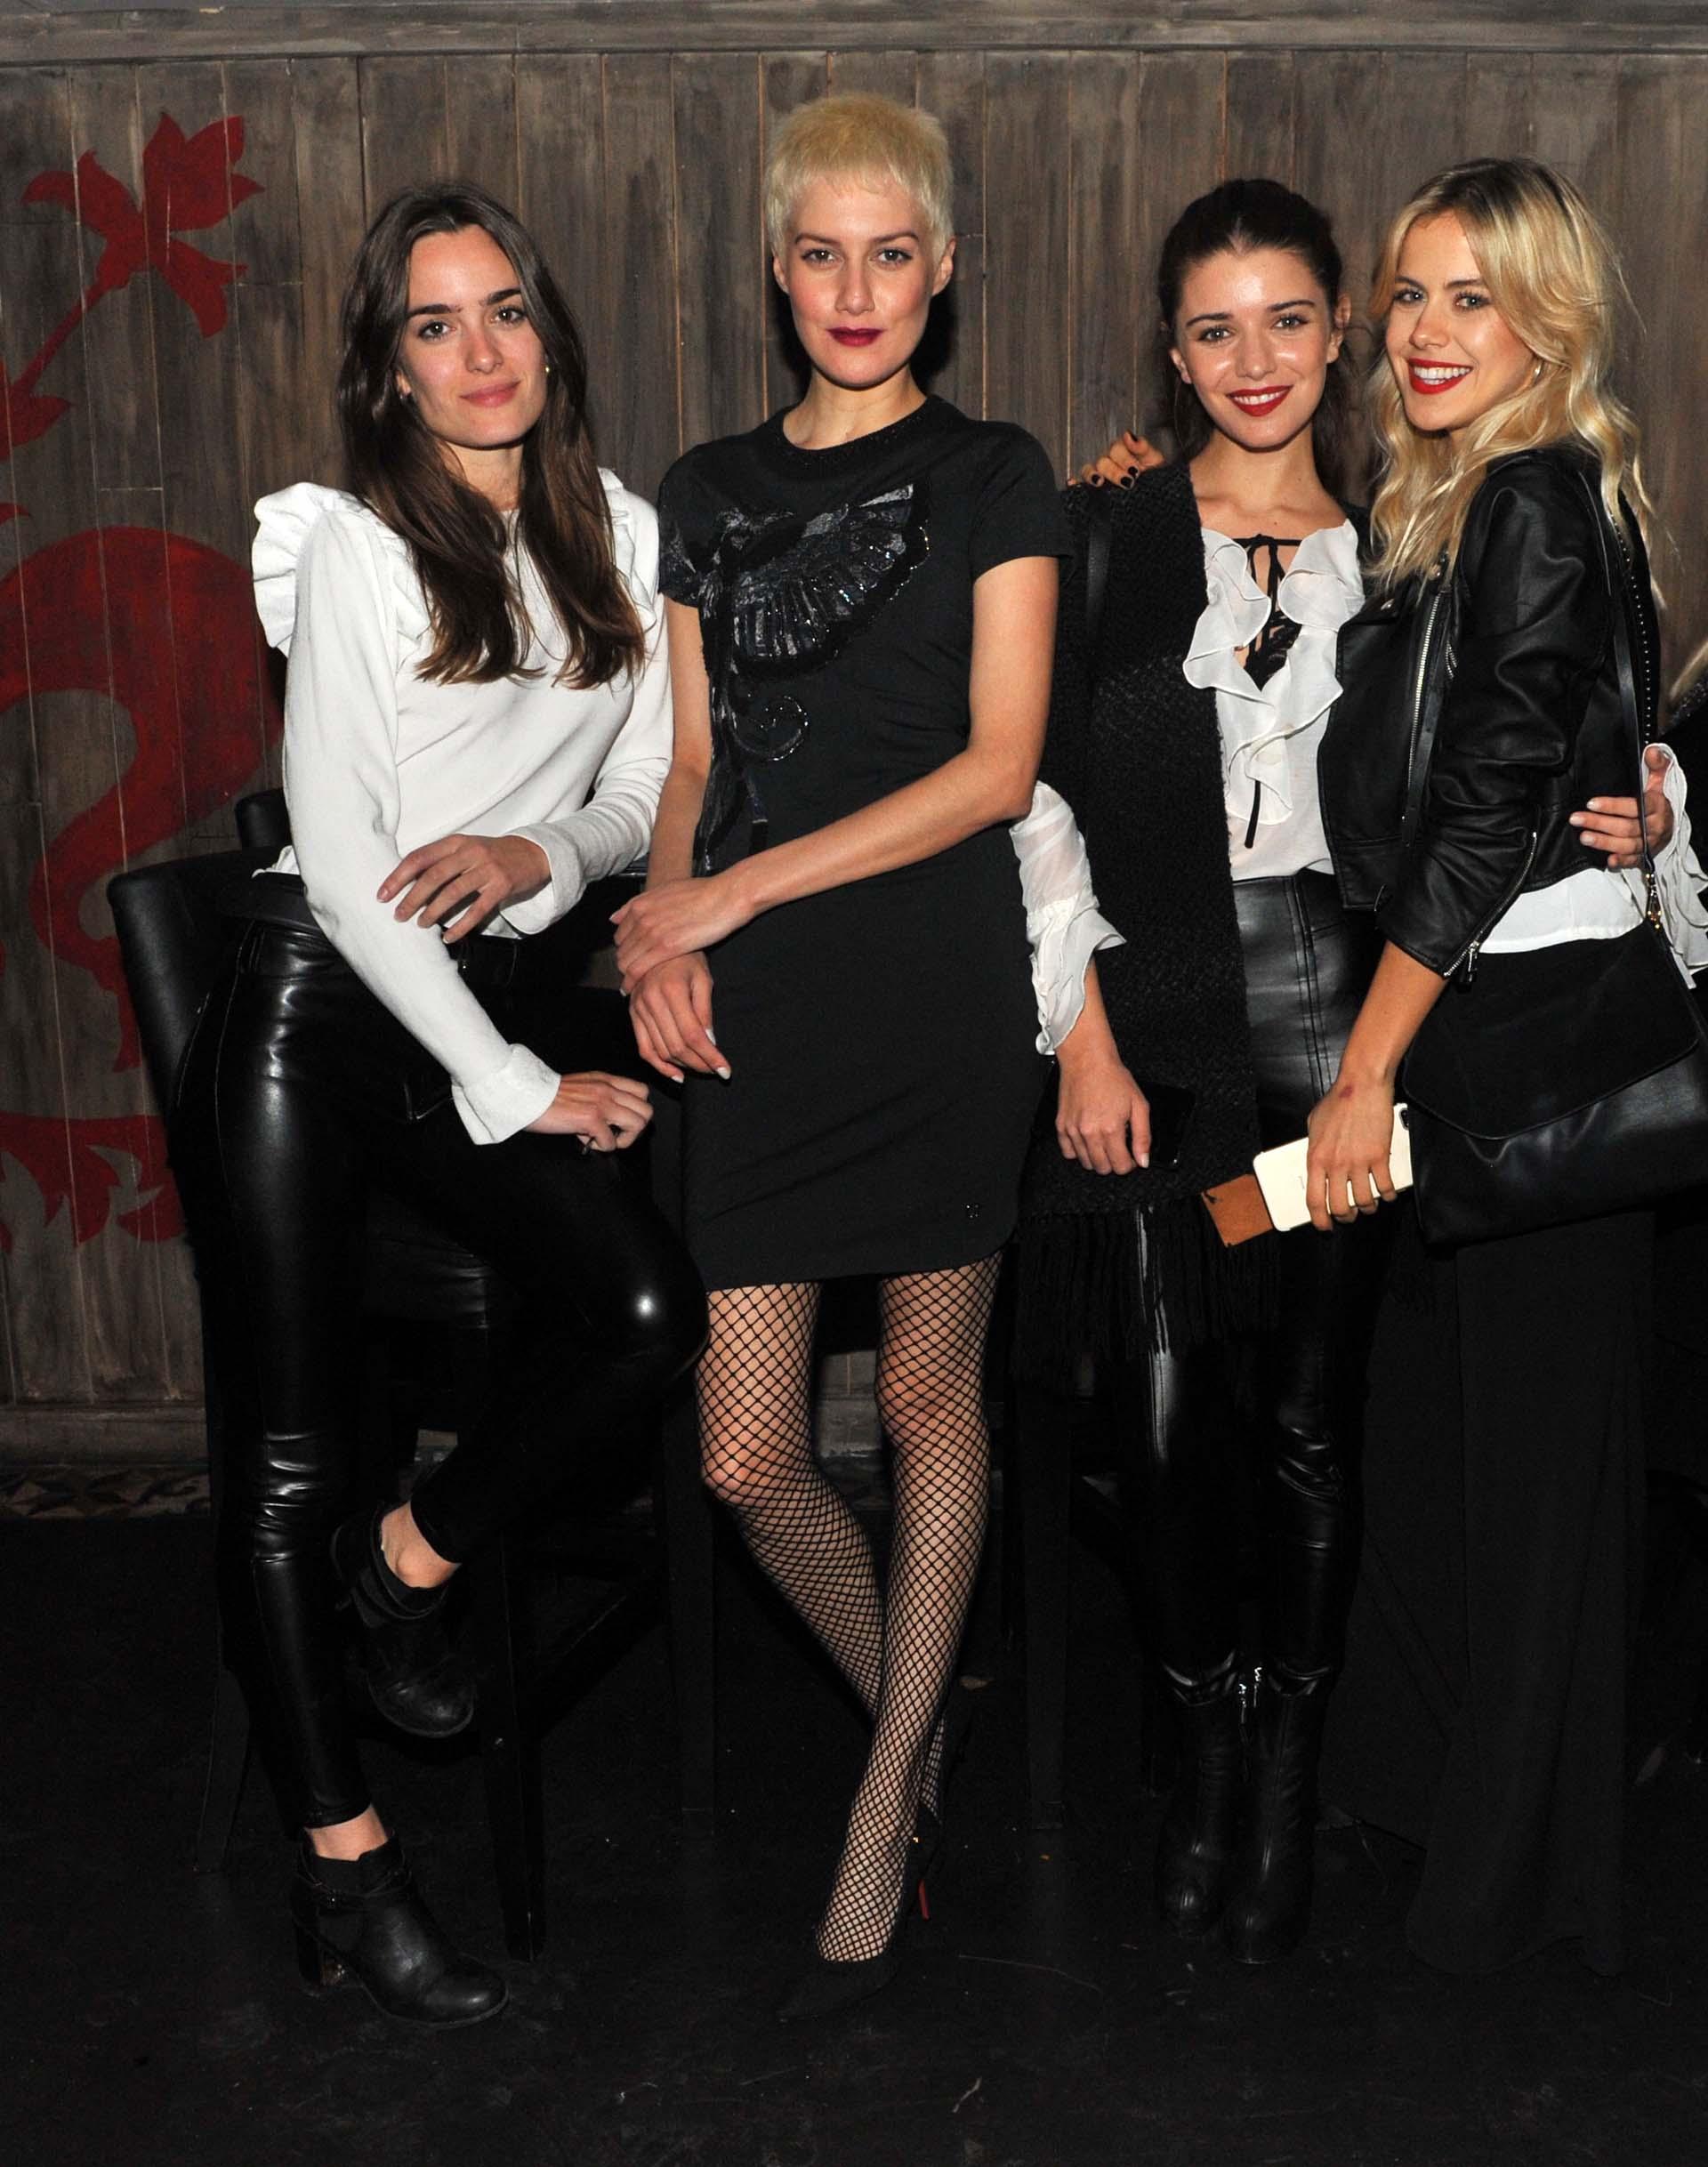 Las modelos Flor Alzieu, Laura Figueredo, Julia Teres y Antonella Macci